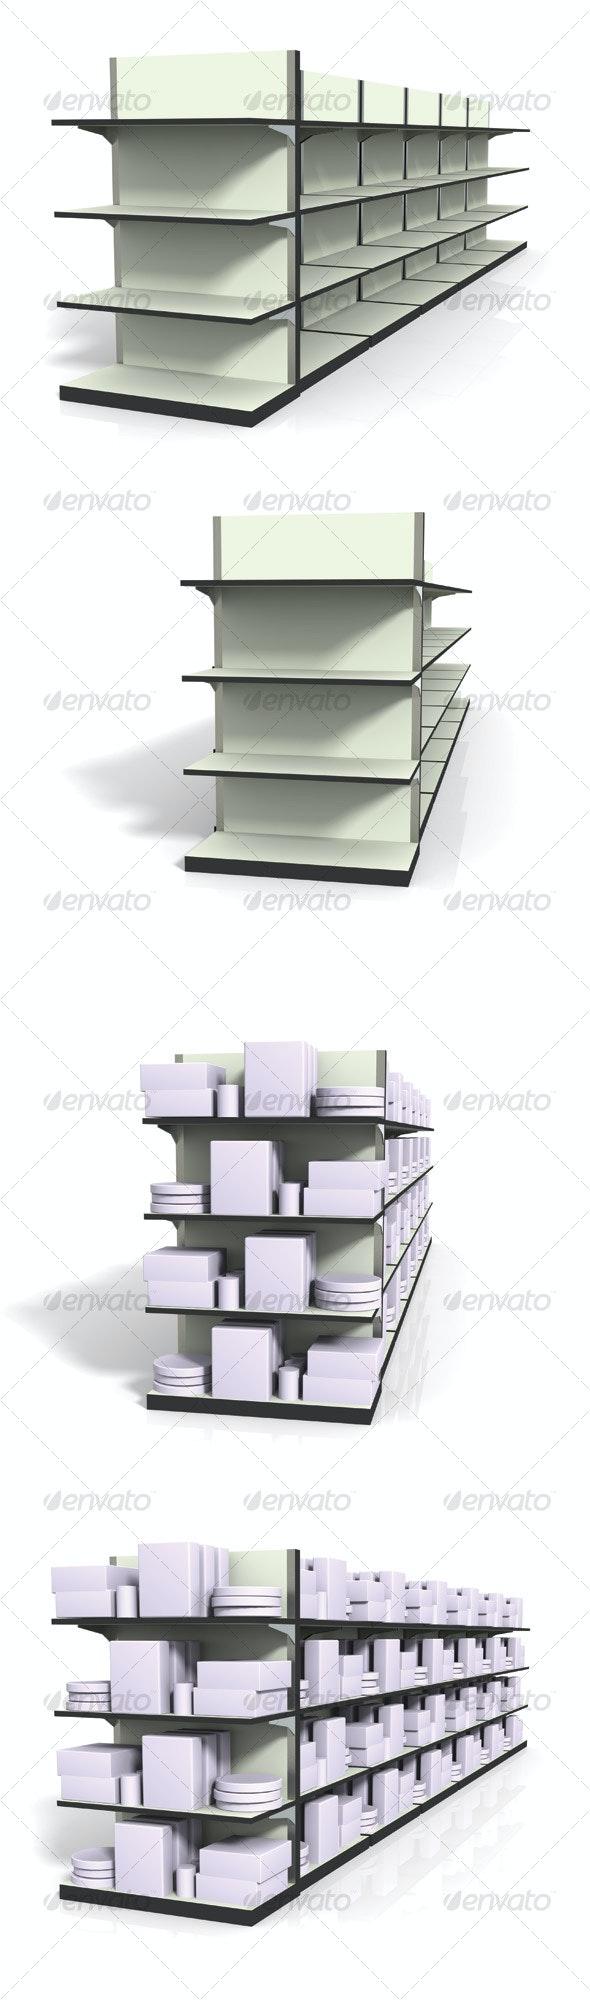 3D Shelf Set - Render 4 Pack - 3D Backgrounds